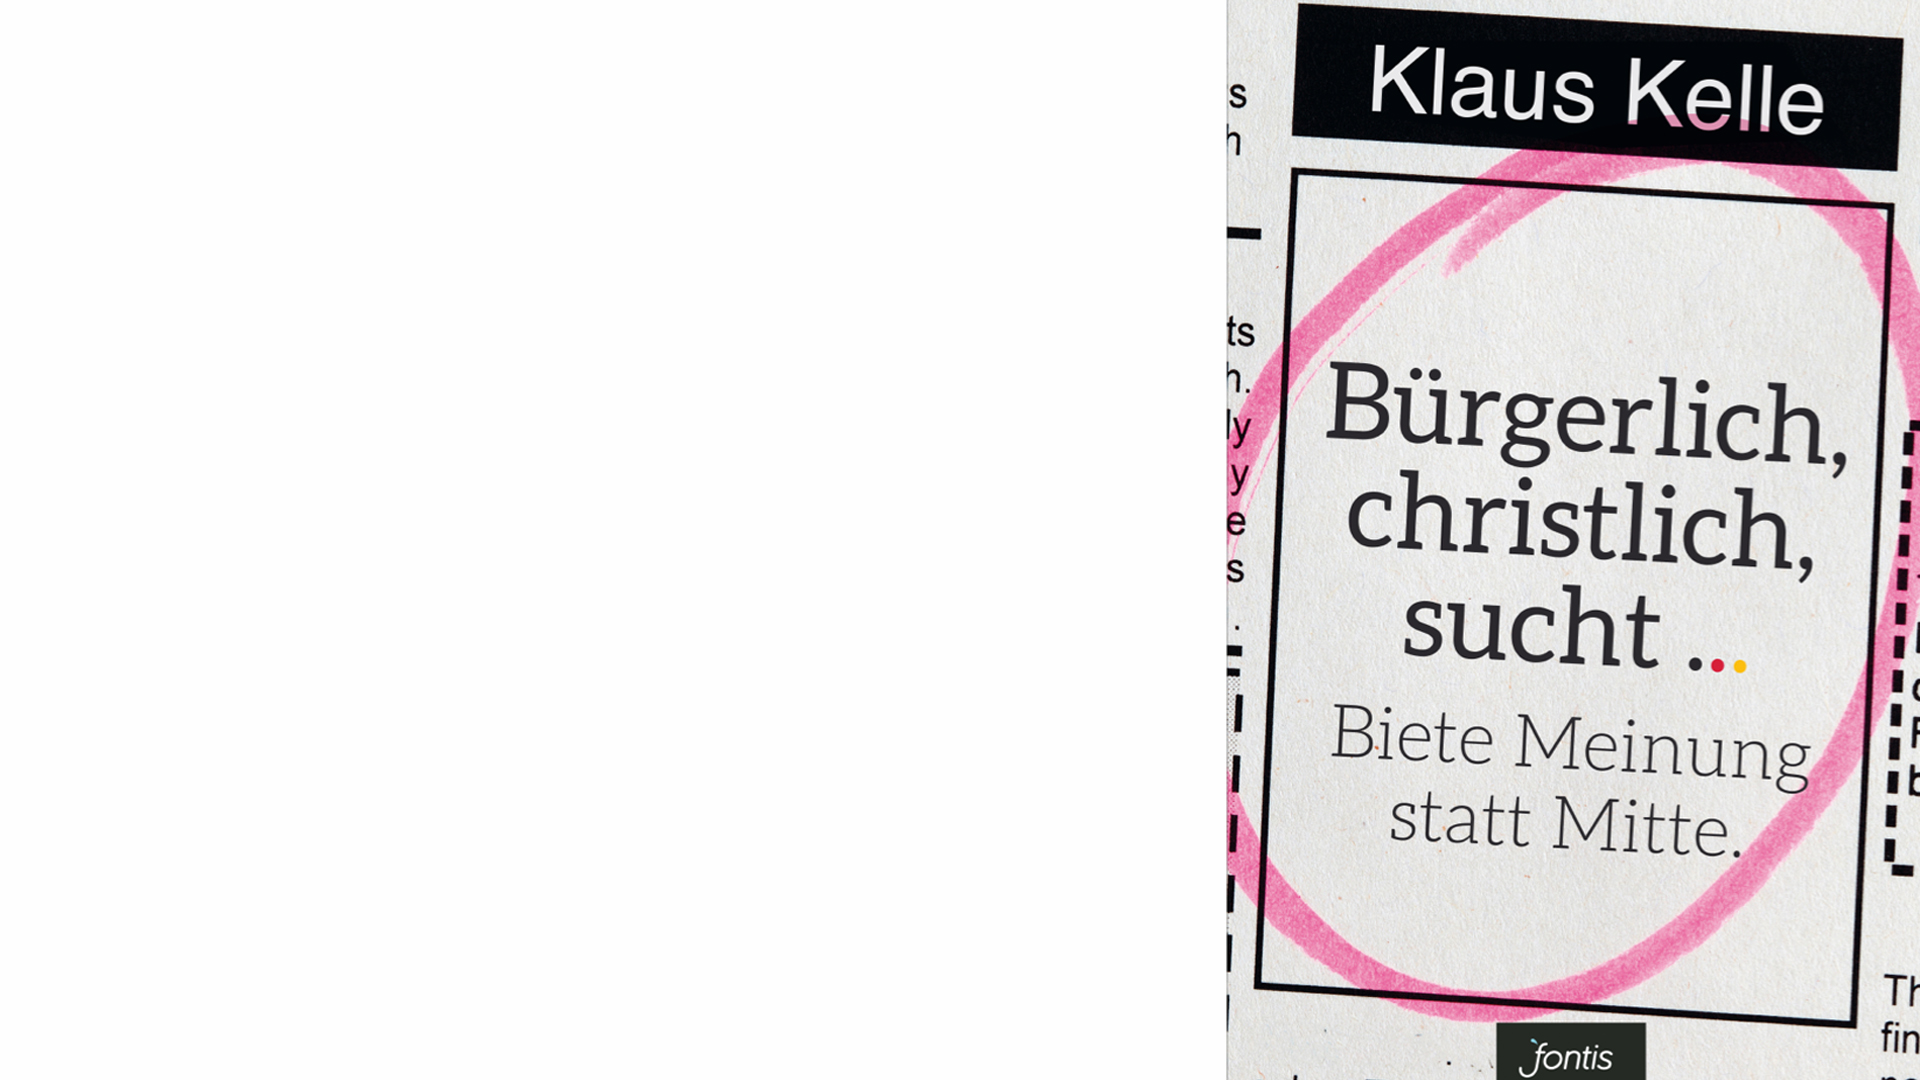 """Klaus Kelle: """"Bürgerlich, christlich, sucht … Biete Meinung statt Mitte"""", Fontis, 240 Seiten, 15,00 Euro, ISBN 9783038481072"""